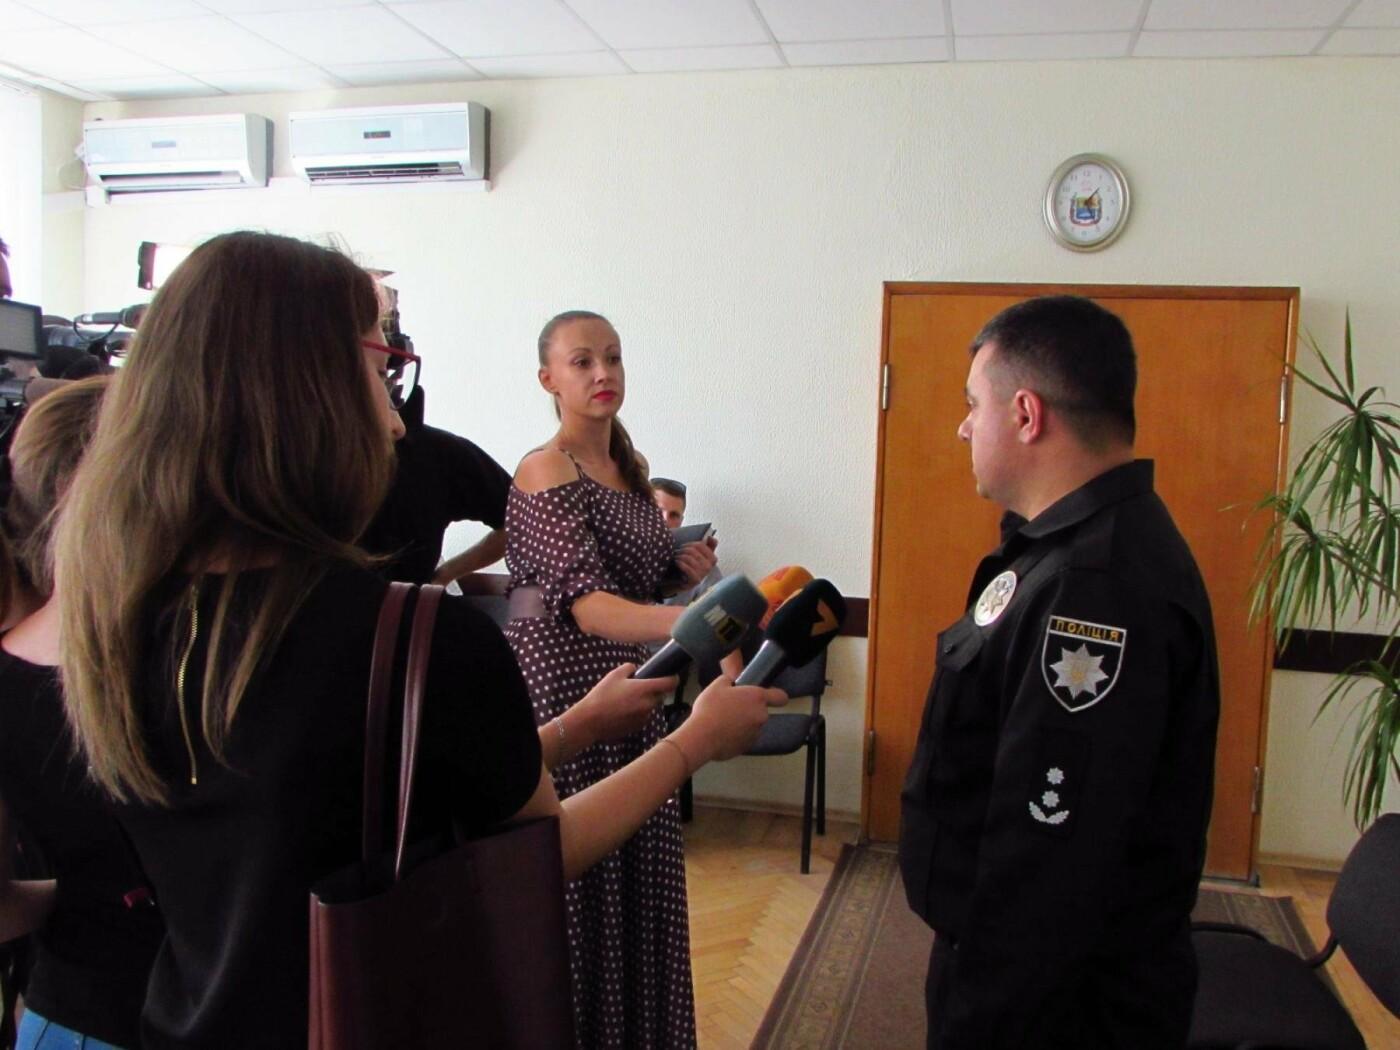 Военные учения в Азовском море не повлияют на курортный сезон, - Черница, фото-2